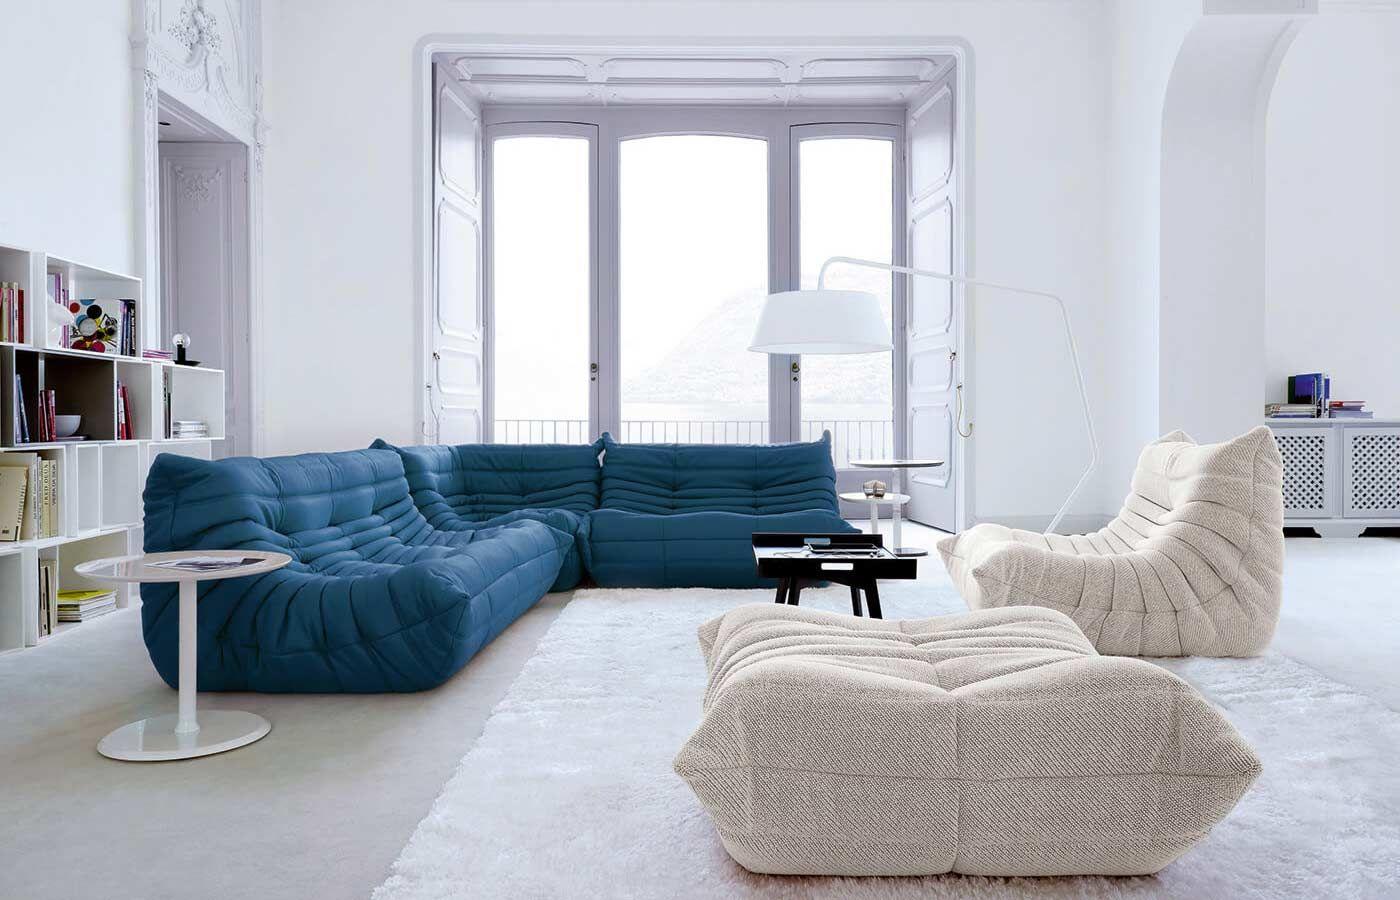 Epingle Sur Style Design